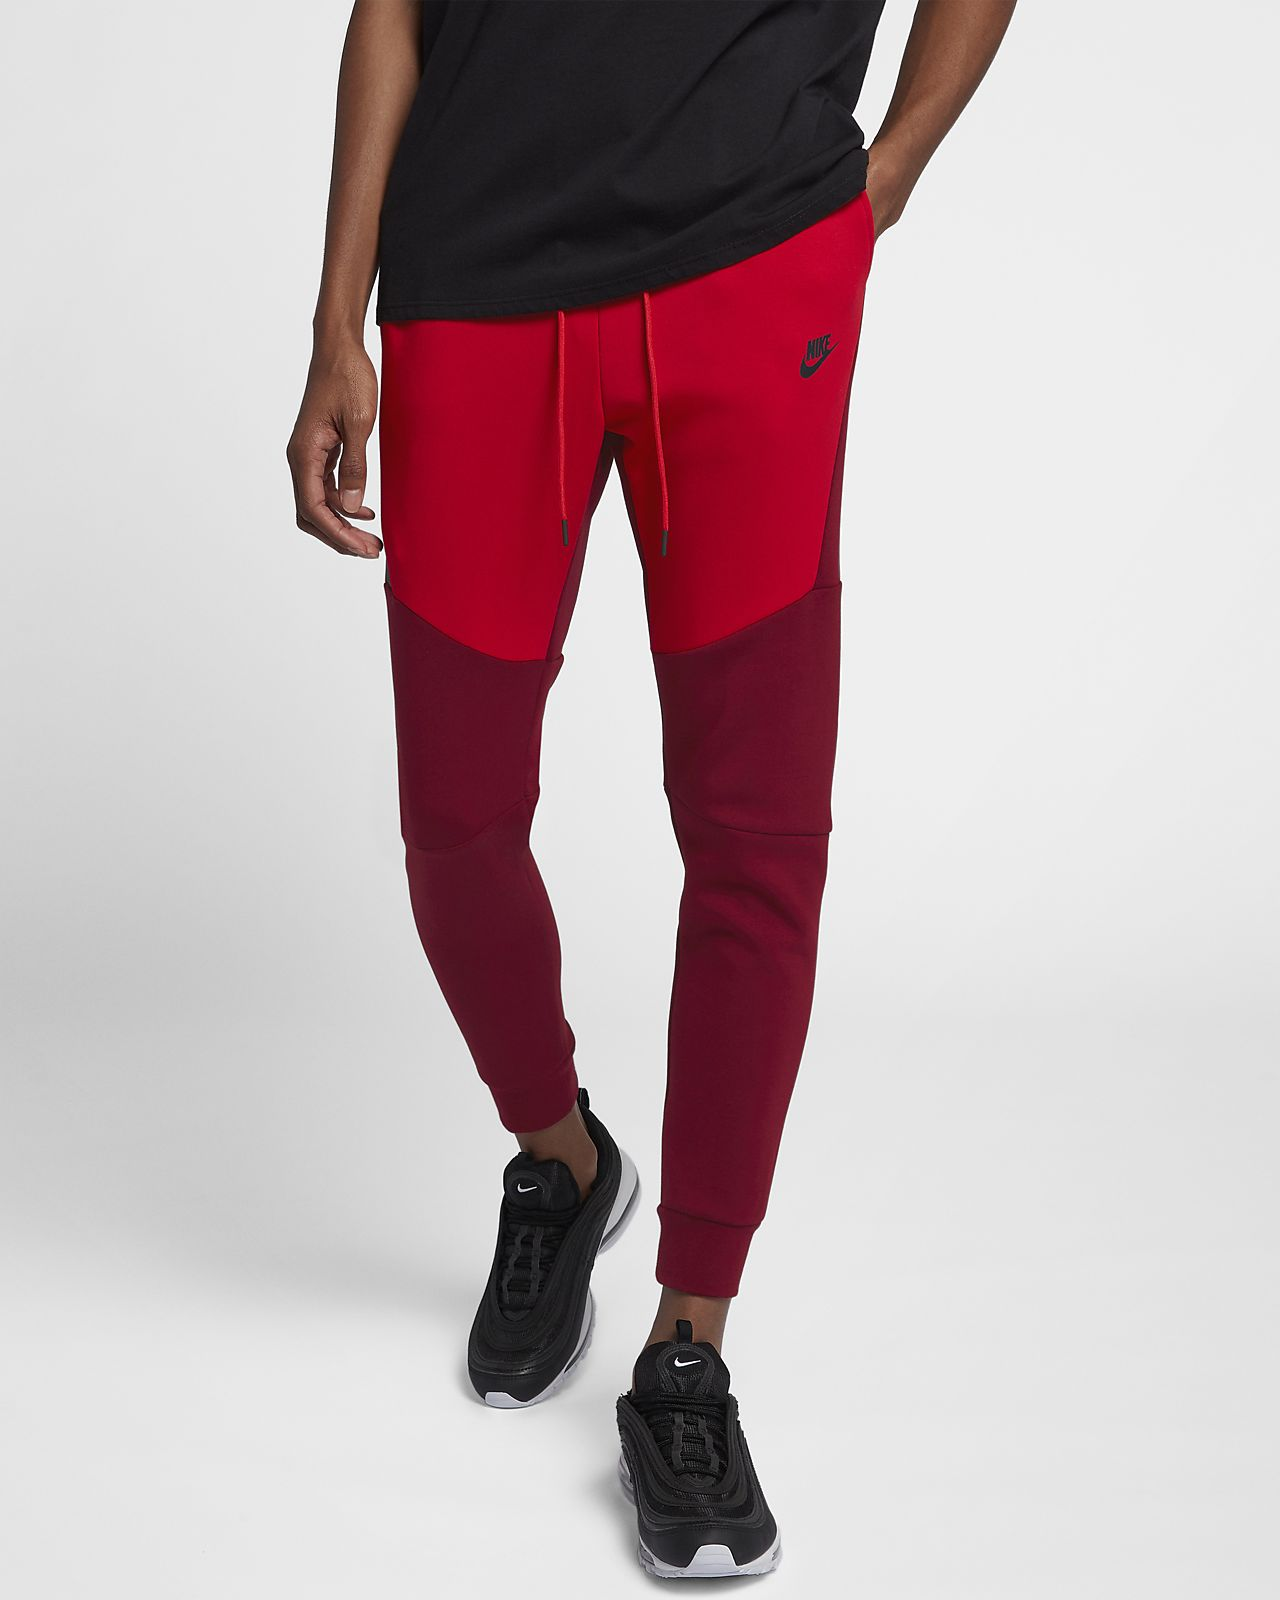 170f65862b623 Nike Sportswear Tech Fleece Men's Joggers. Nike.com PT